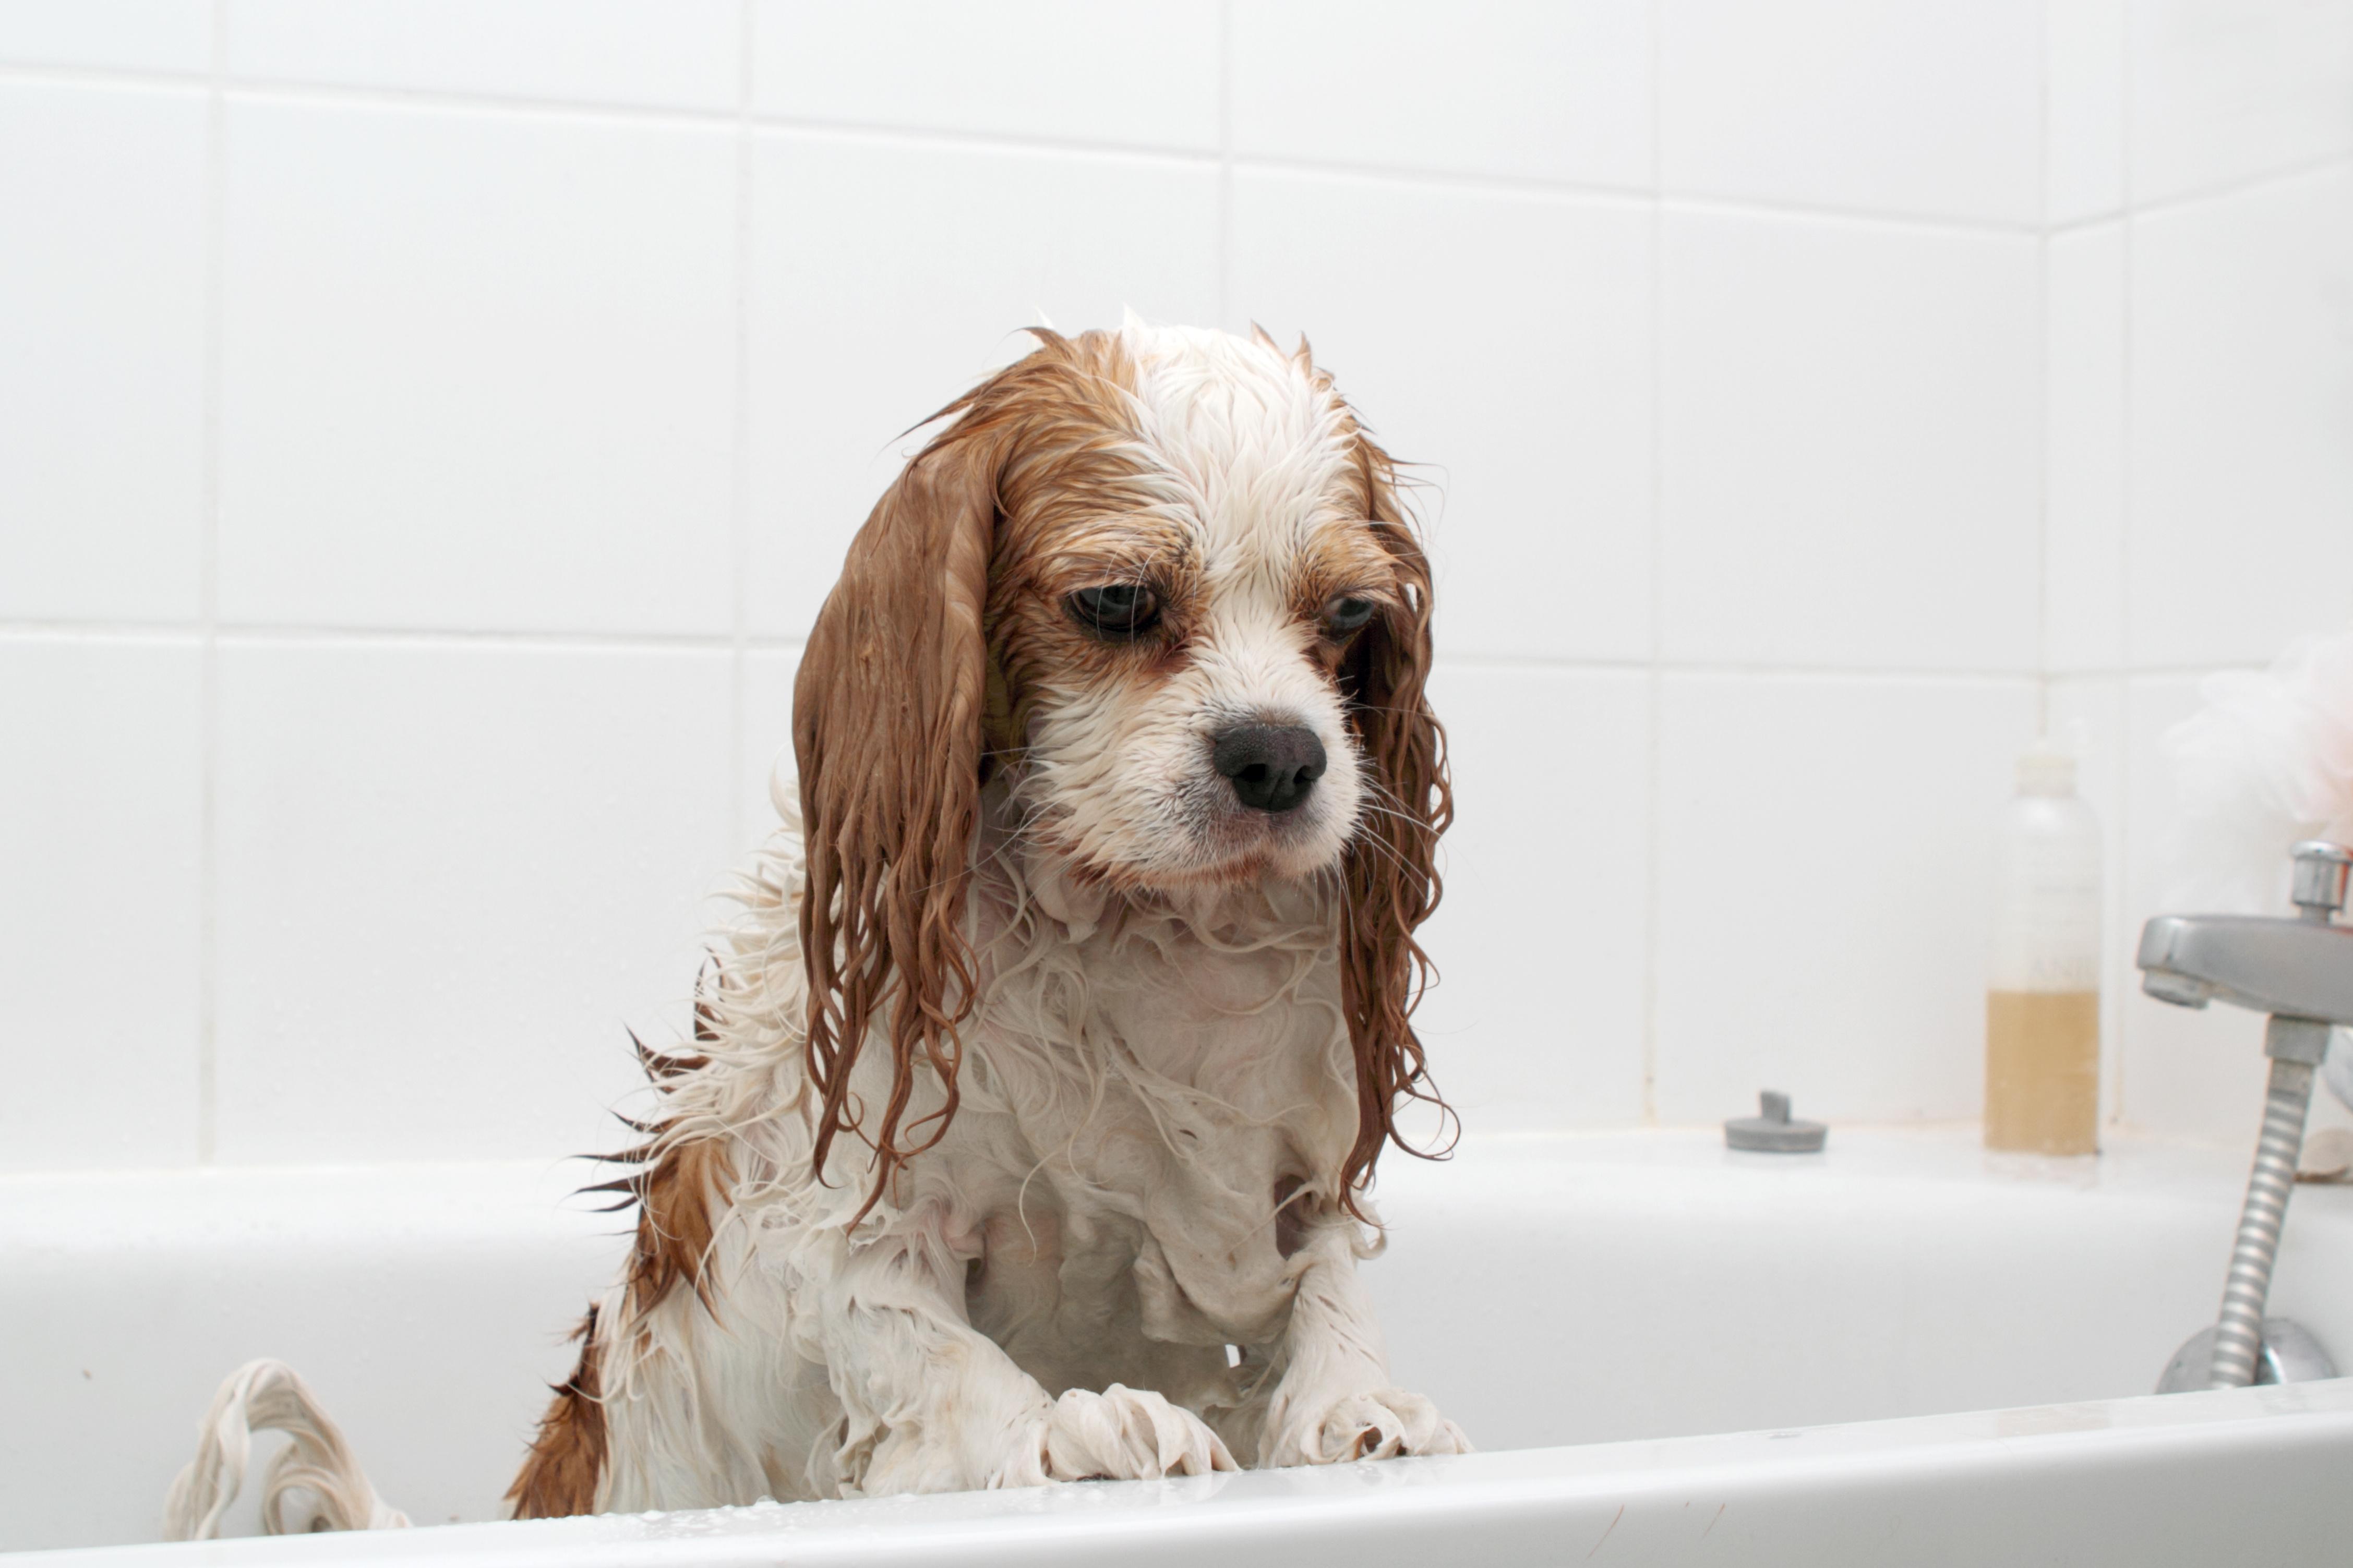 犬はなぜシャンプーが嫌いなの?愛犬がシャンプーを嫌がる6つの理由